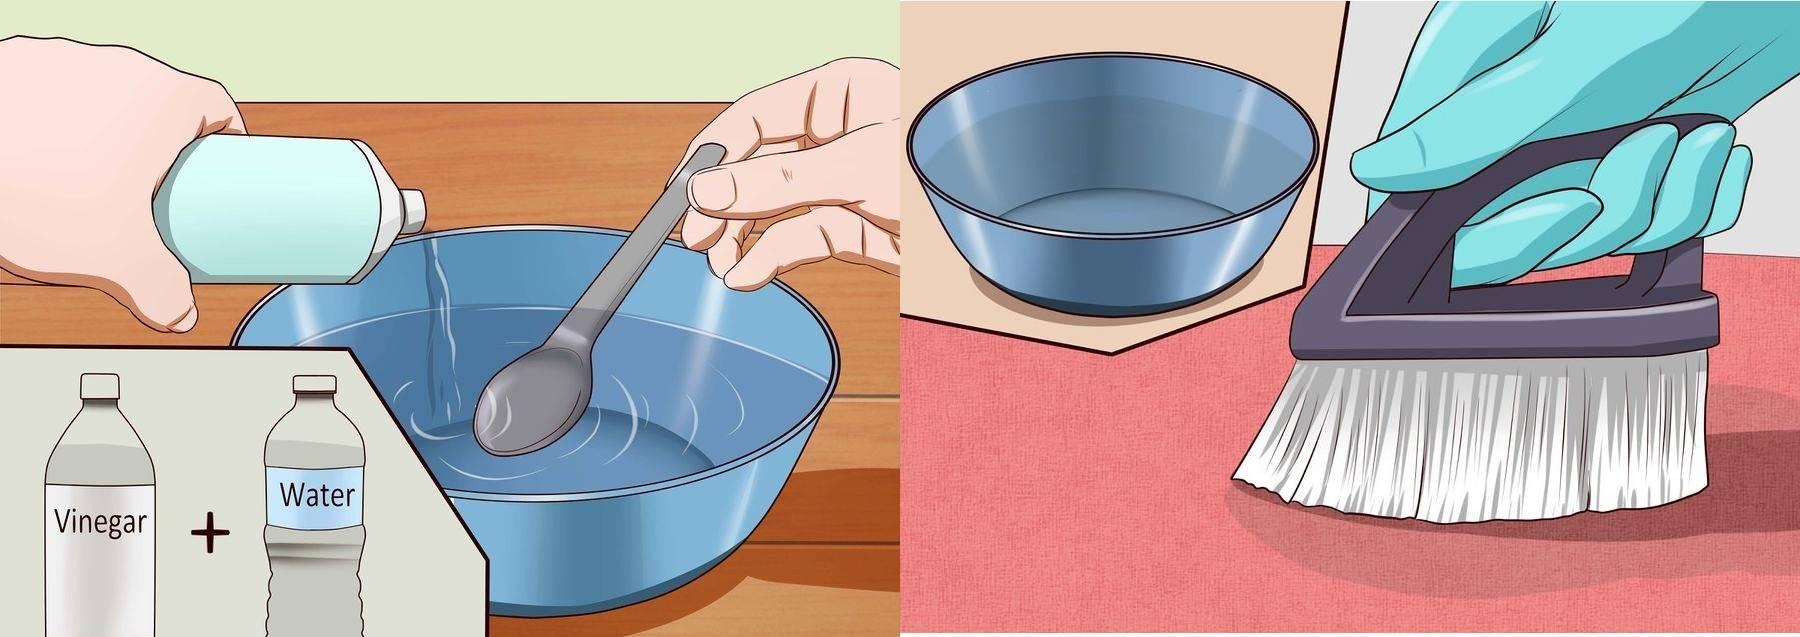 Запах мочи: как удалить и избавиться навсегда, 20 лучших средств чем вывести